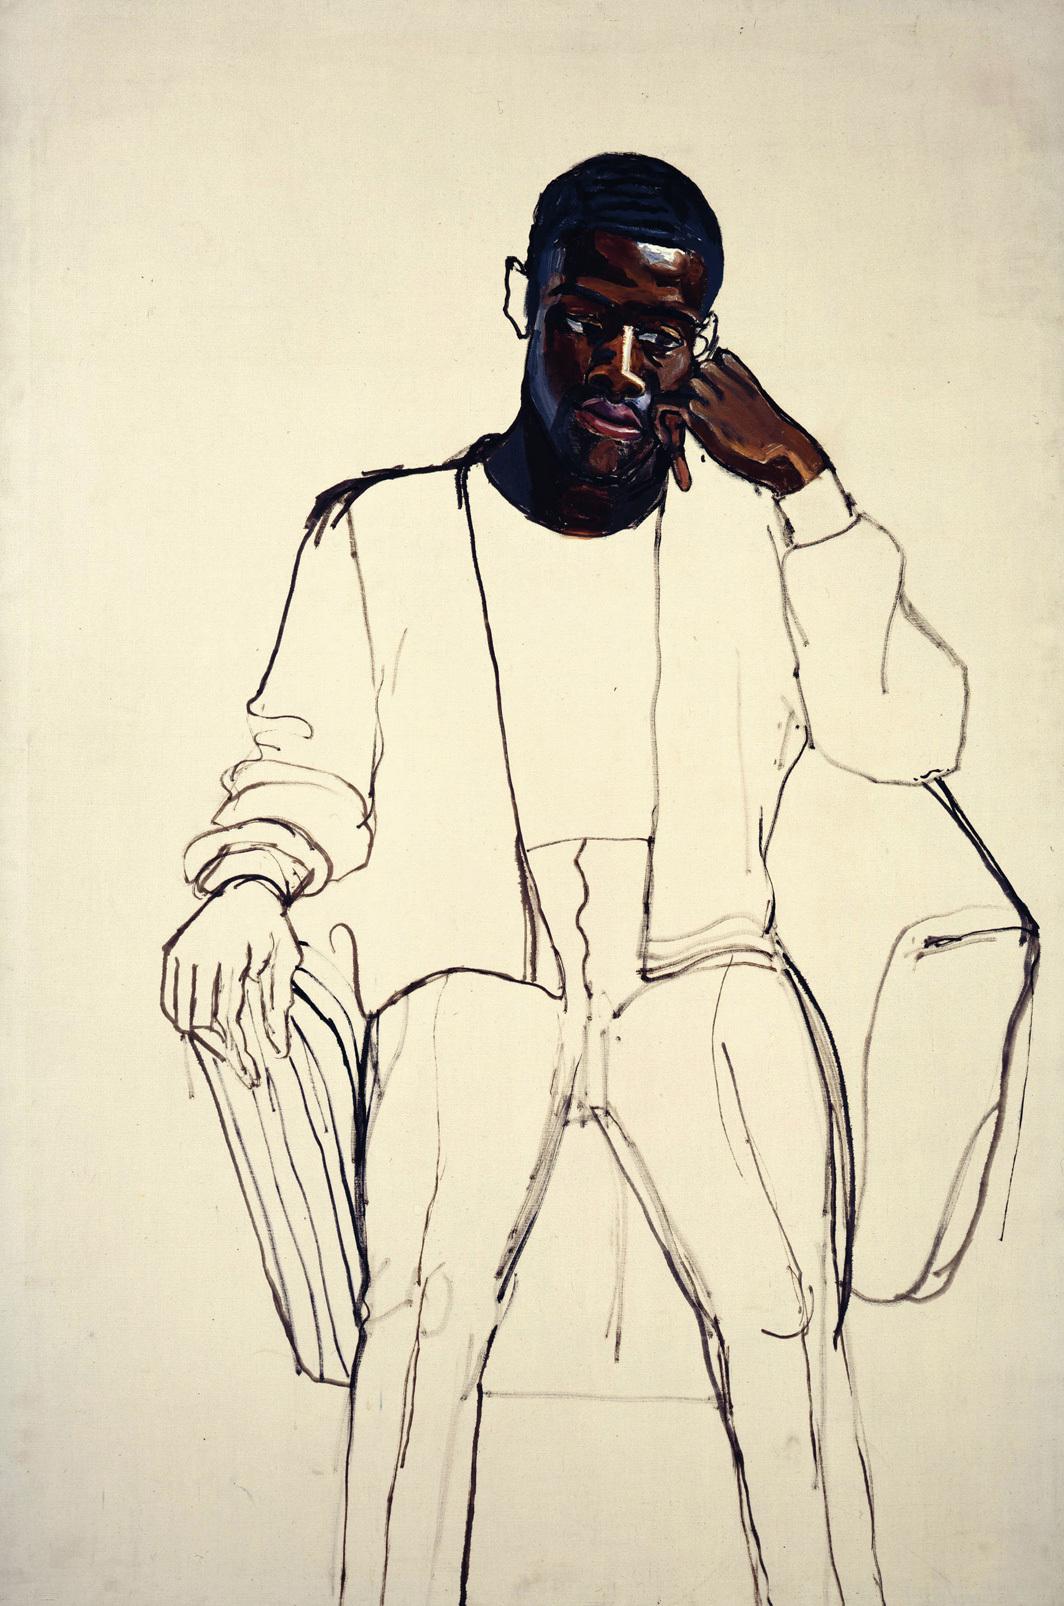 Alice Neel, Black Draftee (James Hunter), 1965, oil on canvas, 60 × 40